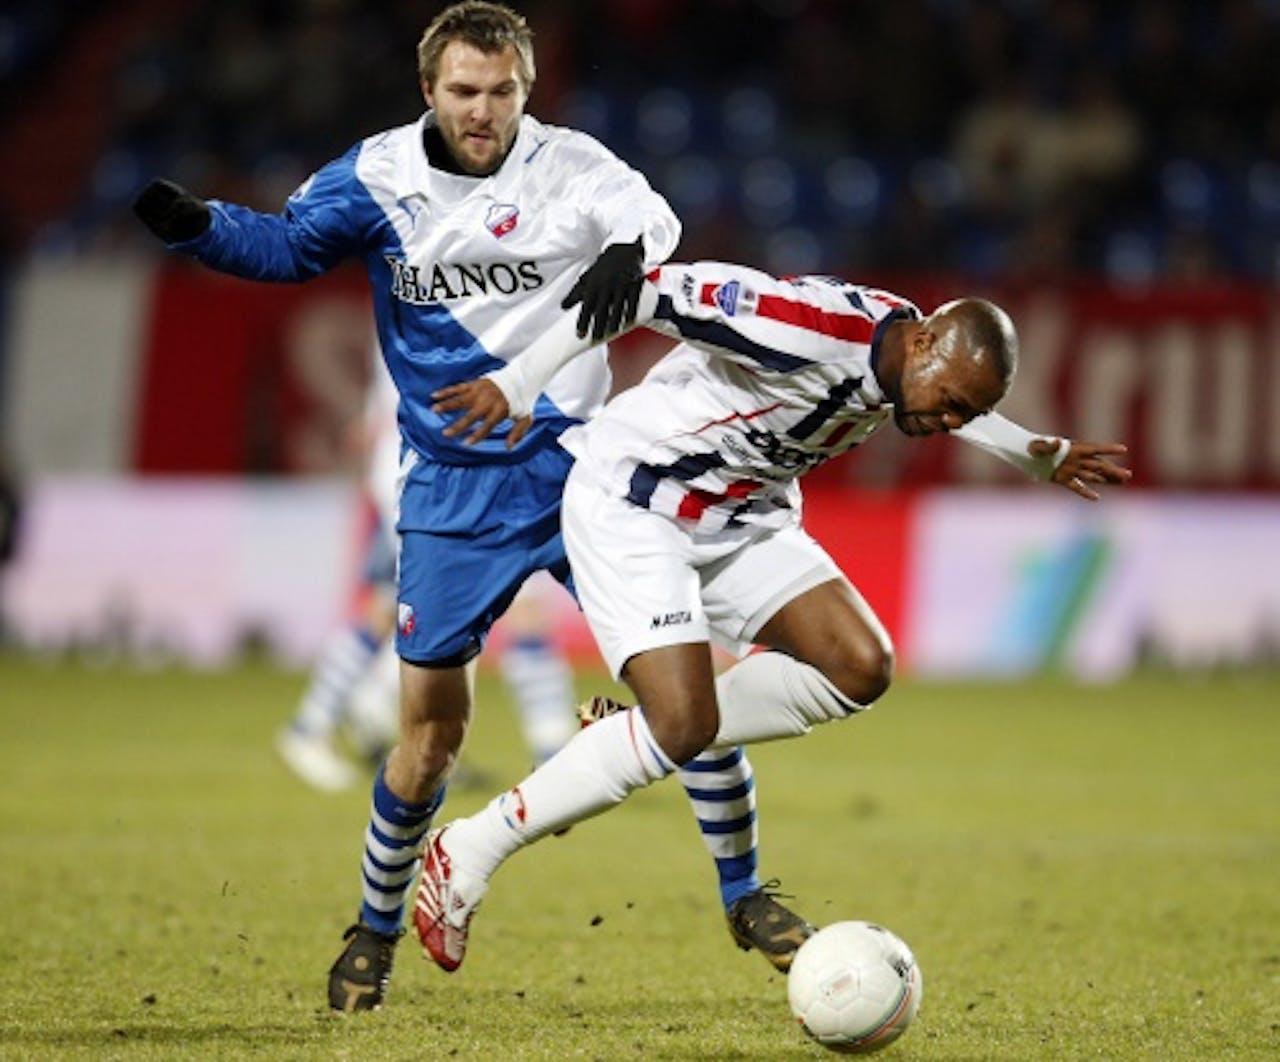 Ibrahim Kargbo (R) van Willem II in duel met Michael Silberbauer (L) van FC Utrecht. Archieffoto ANP 2009